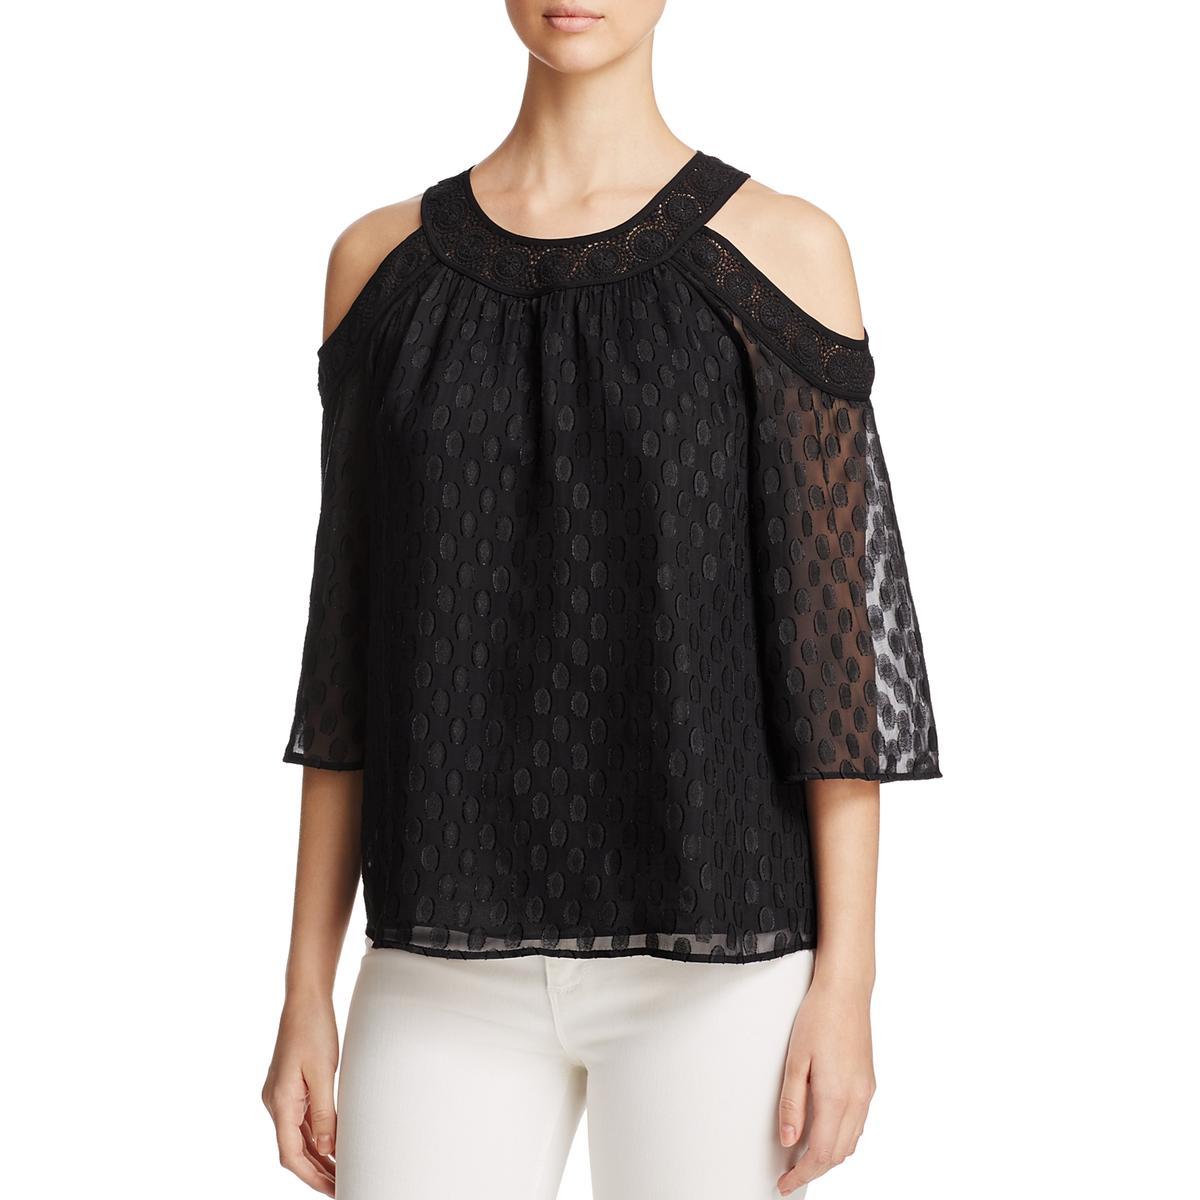 736929eca57 Details about Daniel Rainn Womens Crochet Trim Cold Shoulder Casual Top  Blouse BHFO 6679